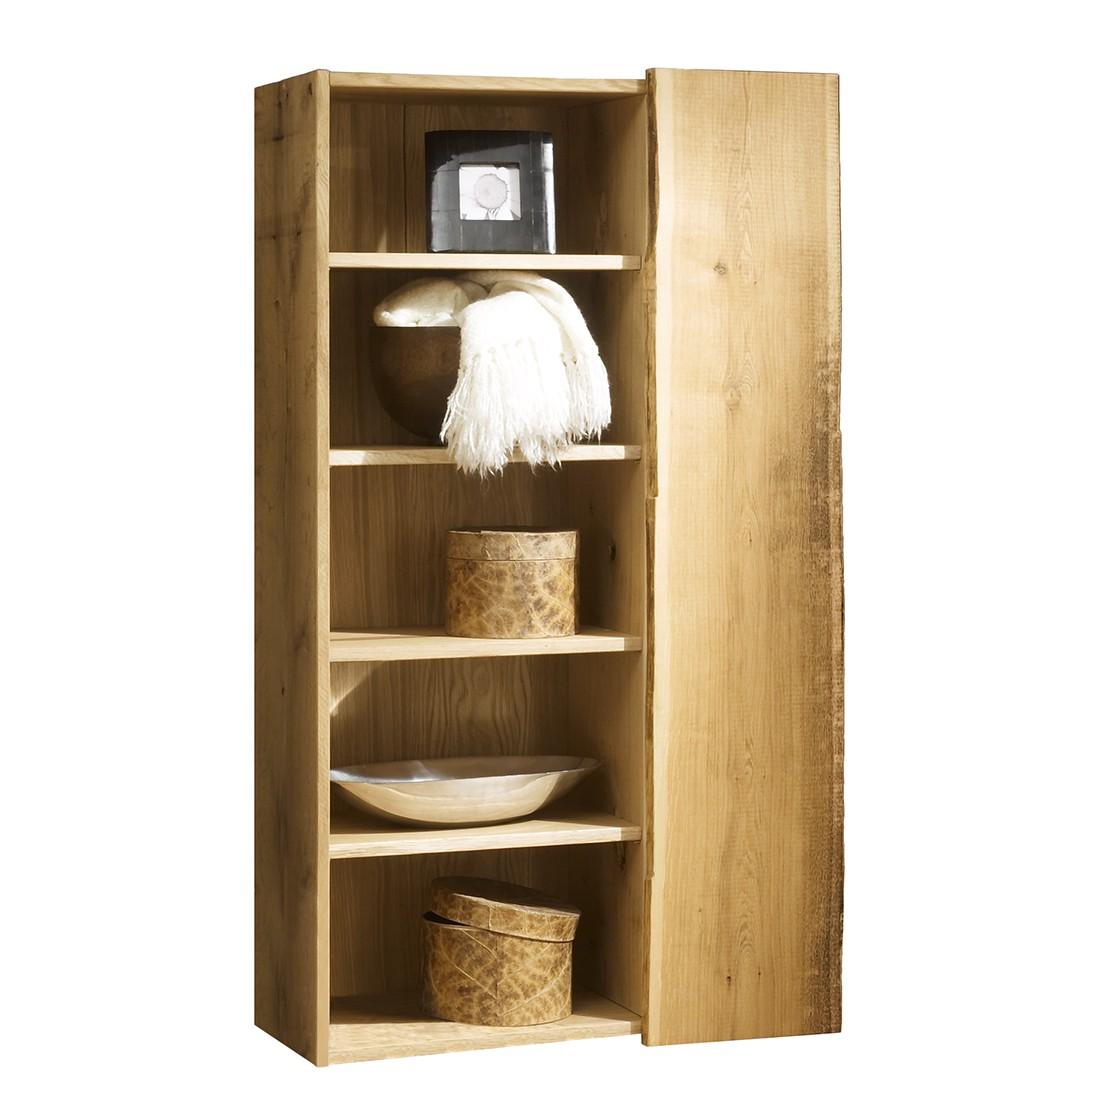 woodkid preisvergleich die besten angebote online kaufen. Black Bedroom Furniture Sets. Home Design Ideas